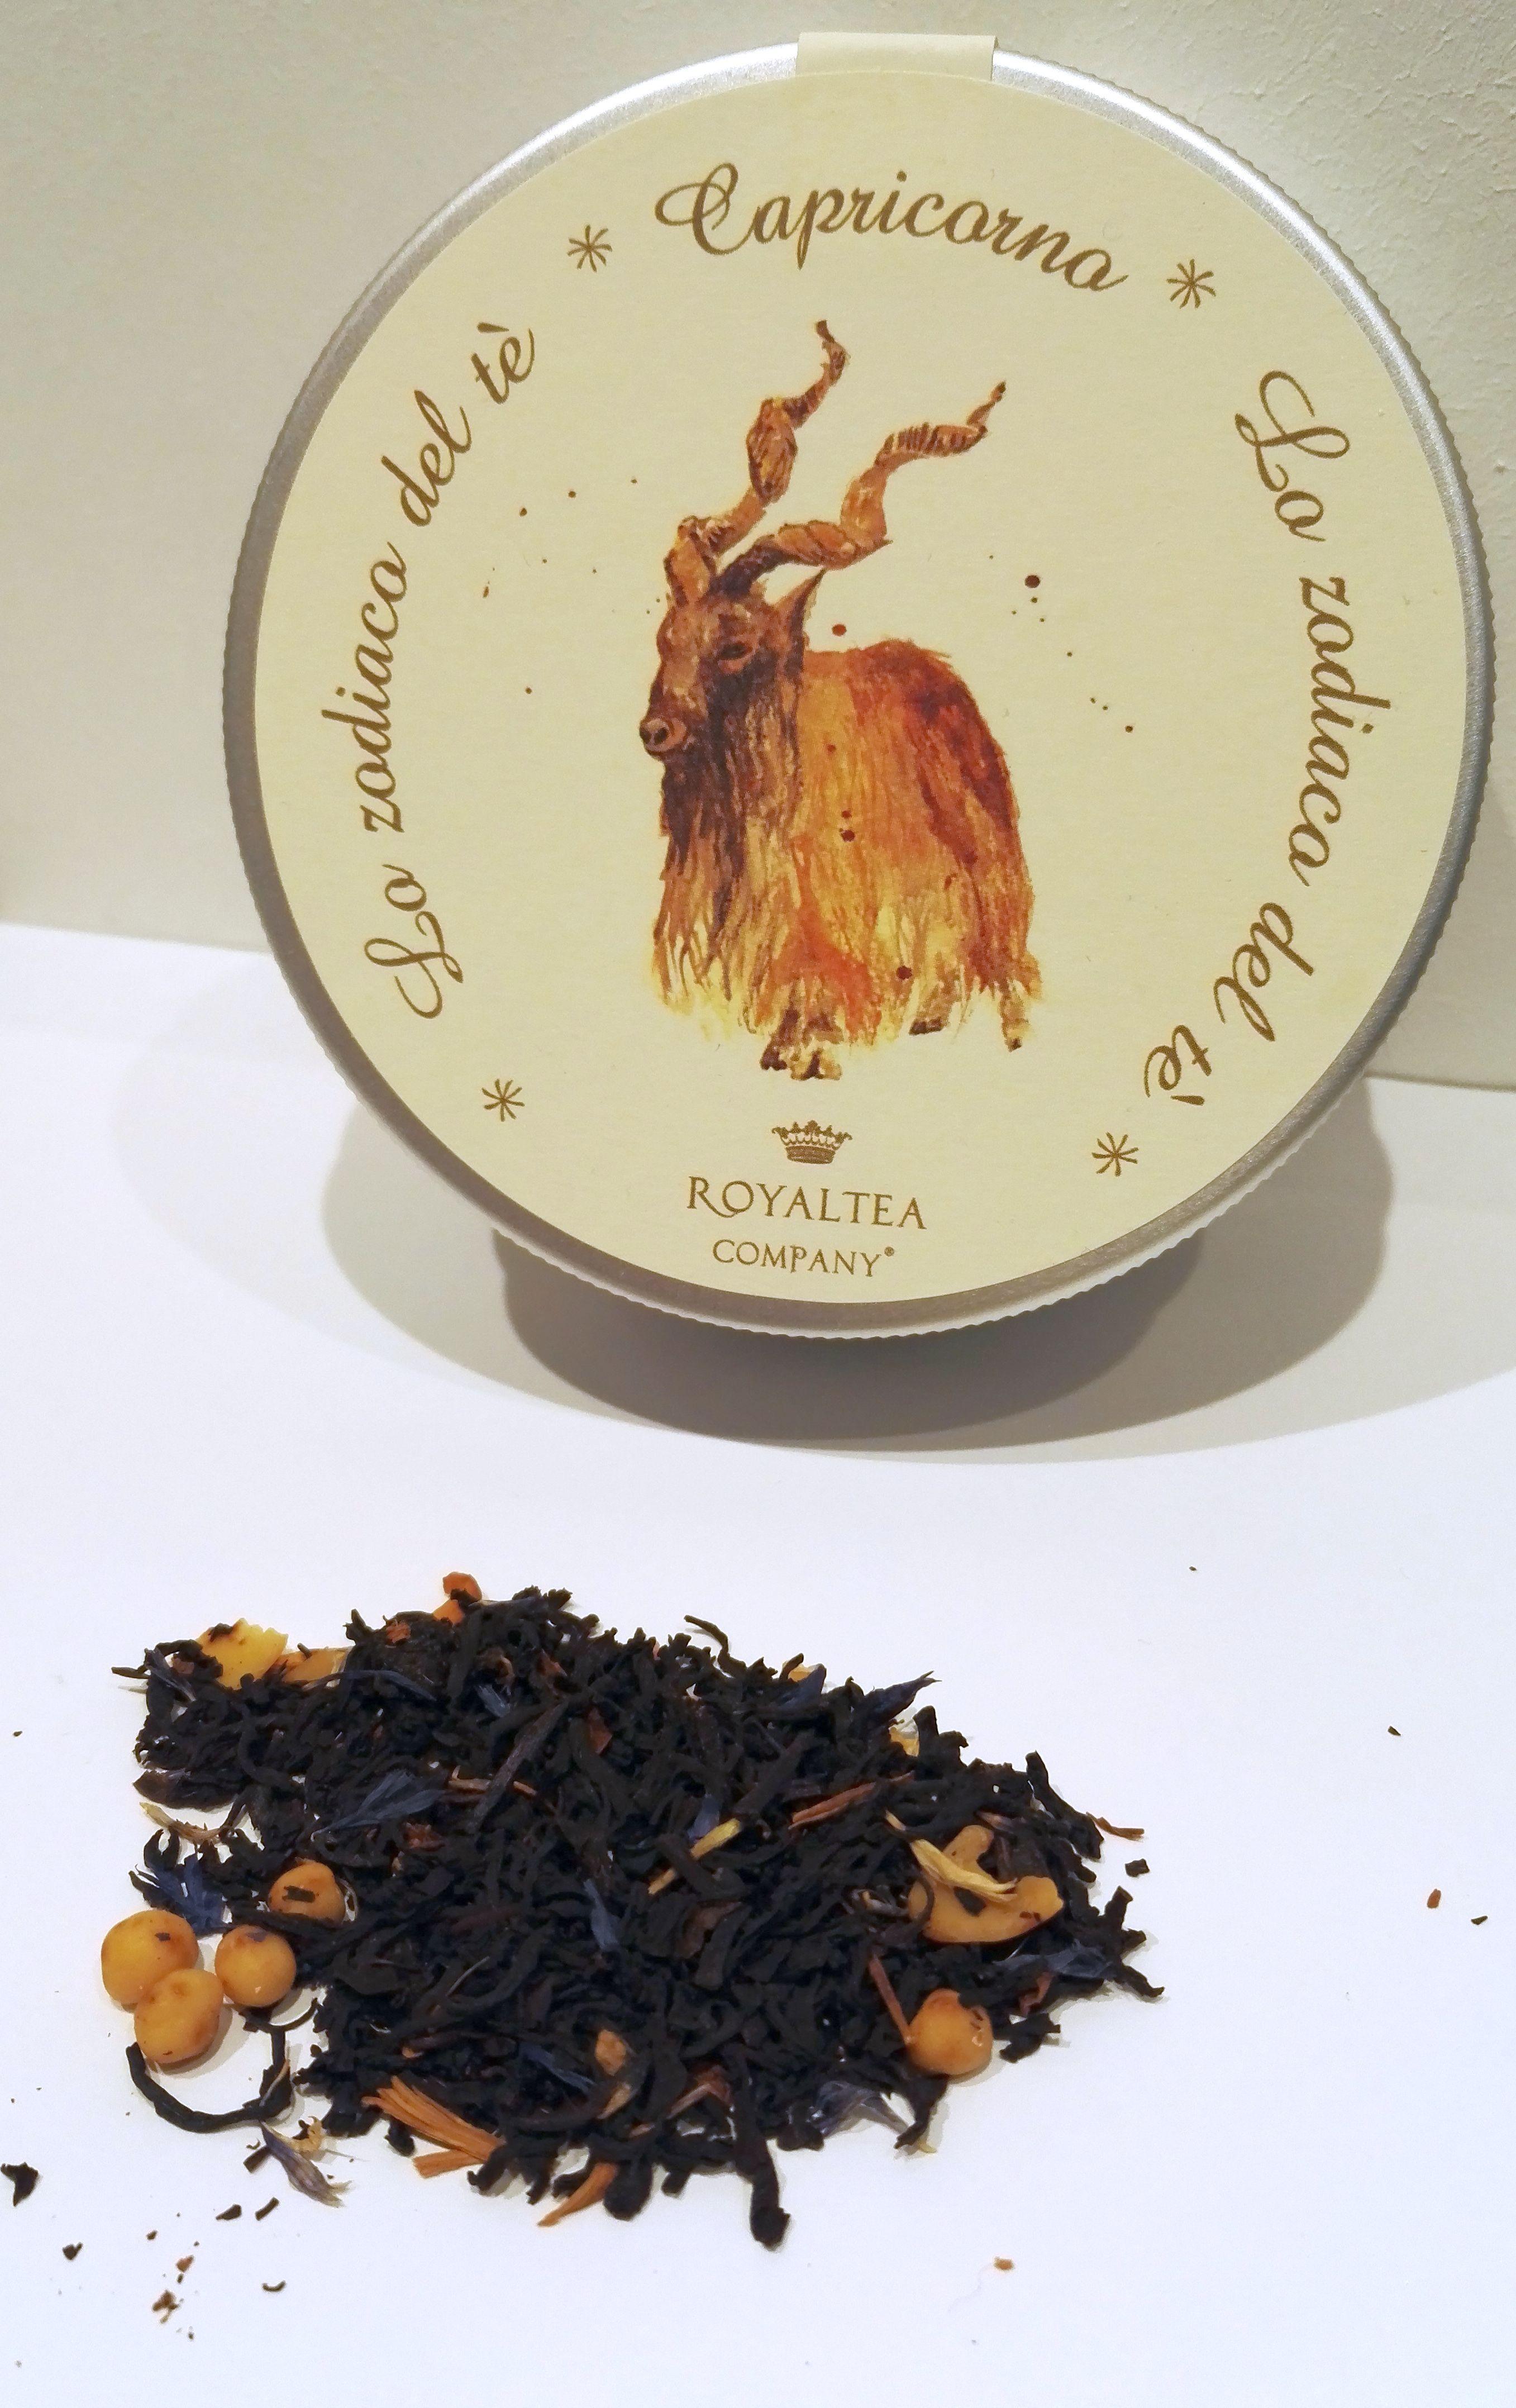 Sono i giorni del capricorno, il più sperimentatore dello zodiaco, possiamo gustare un superbo tè nero Assam con prugne, mandorle e vaniglia by #royalteacompany.  #dulcipedia